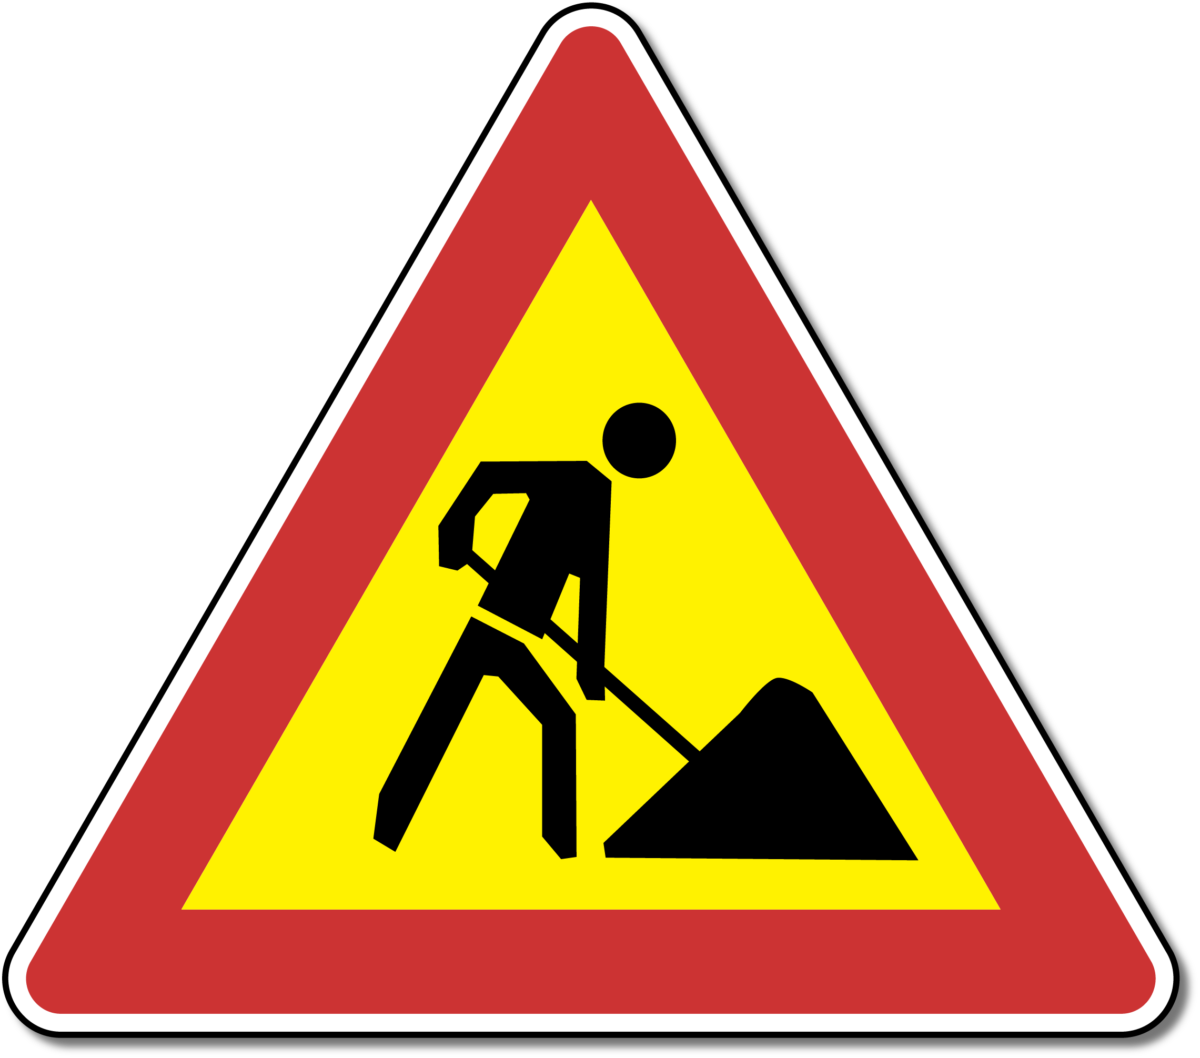 Avviso sull'esecuzione dei lavori in parte della strada statale D303 - glavna fotografija